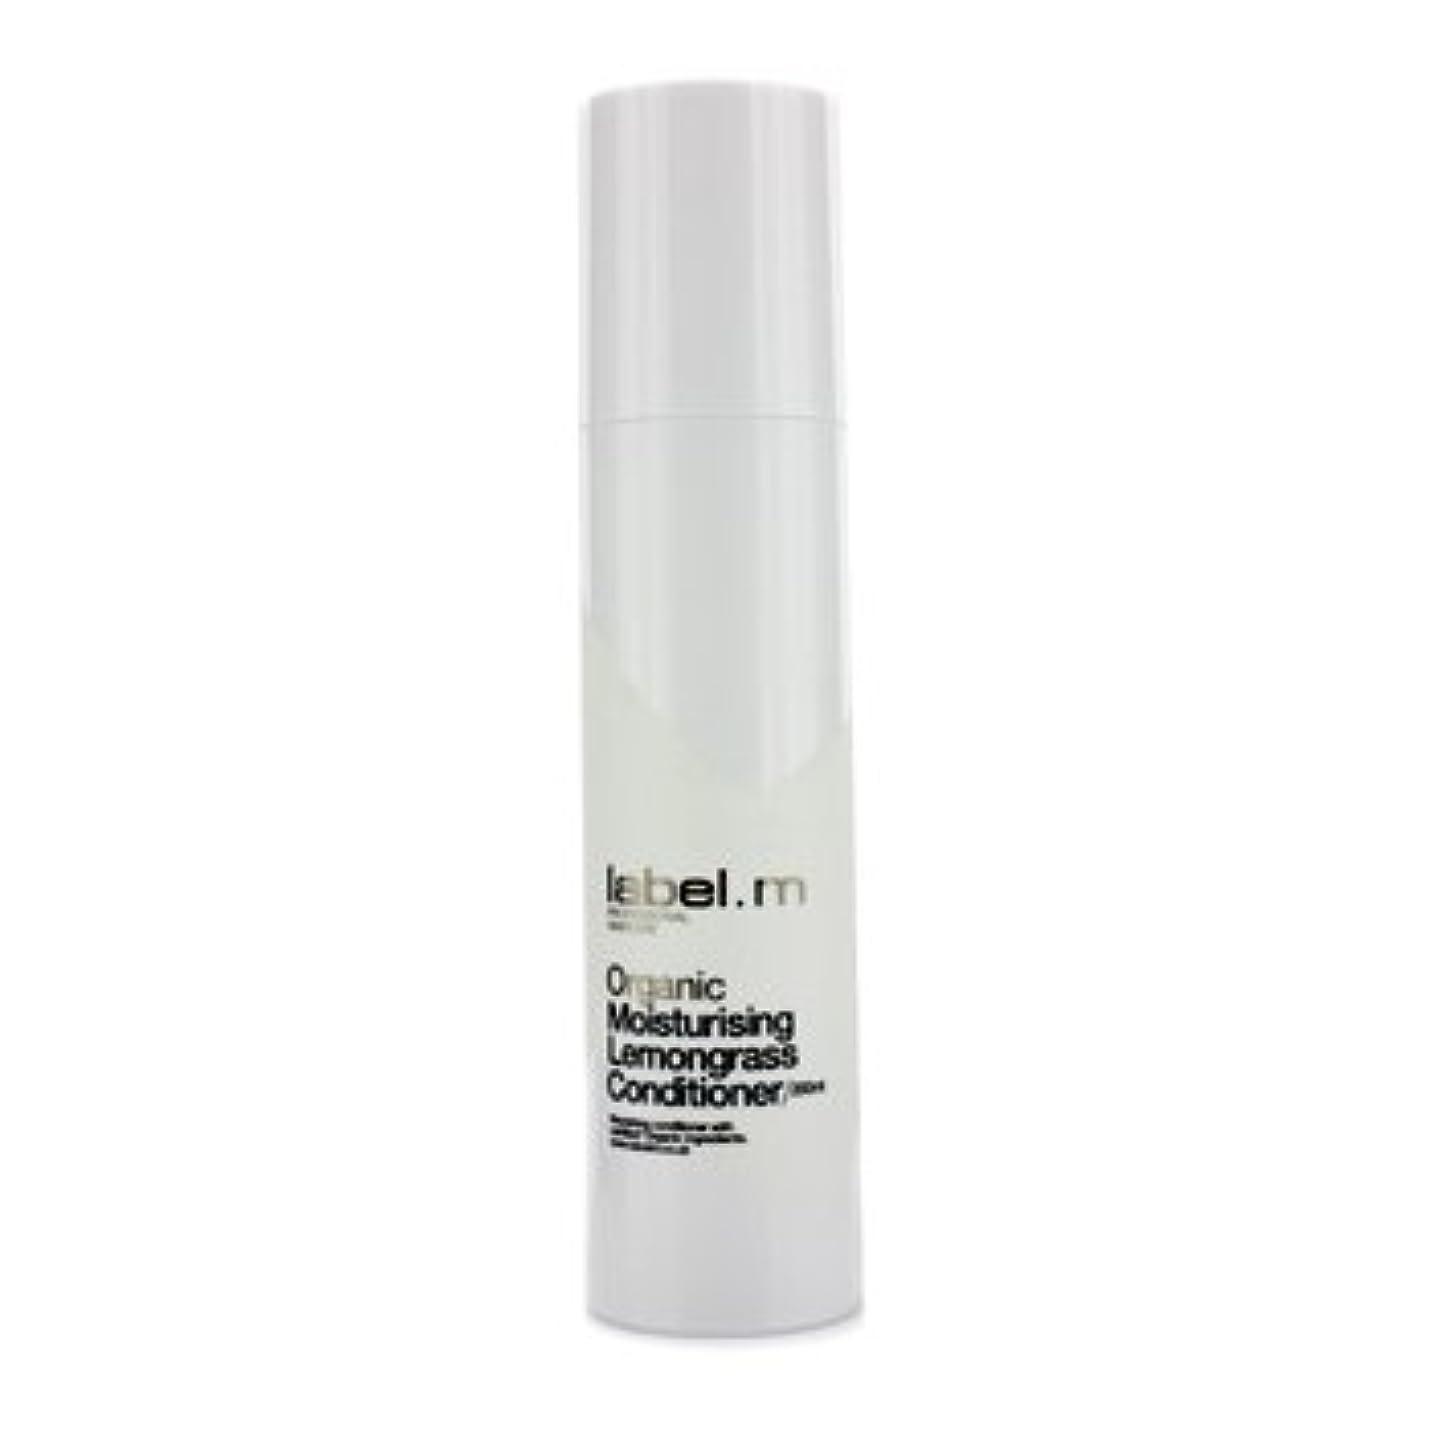 シリアル可能ナラーバー[Label M] オーガニック モイスチャライジング レモングラス コンディショナー 300ml/10.1oz